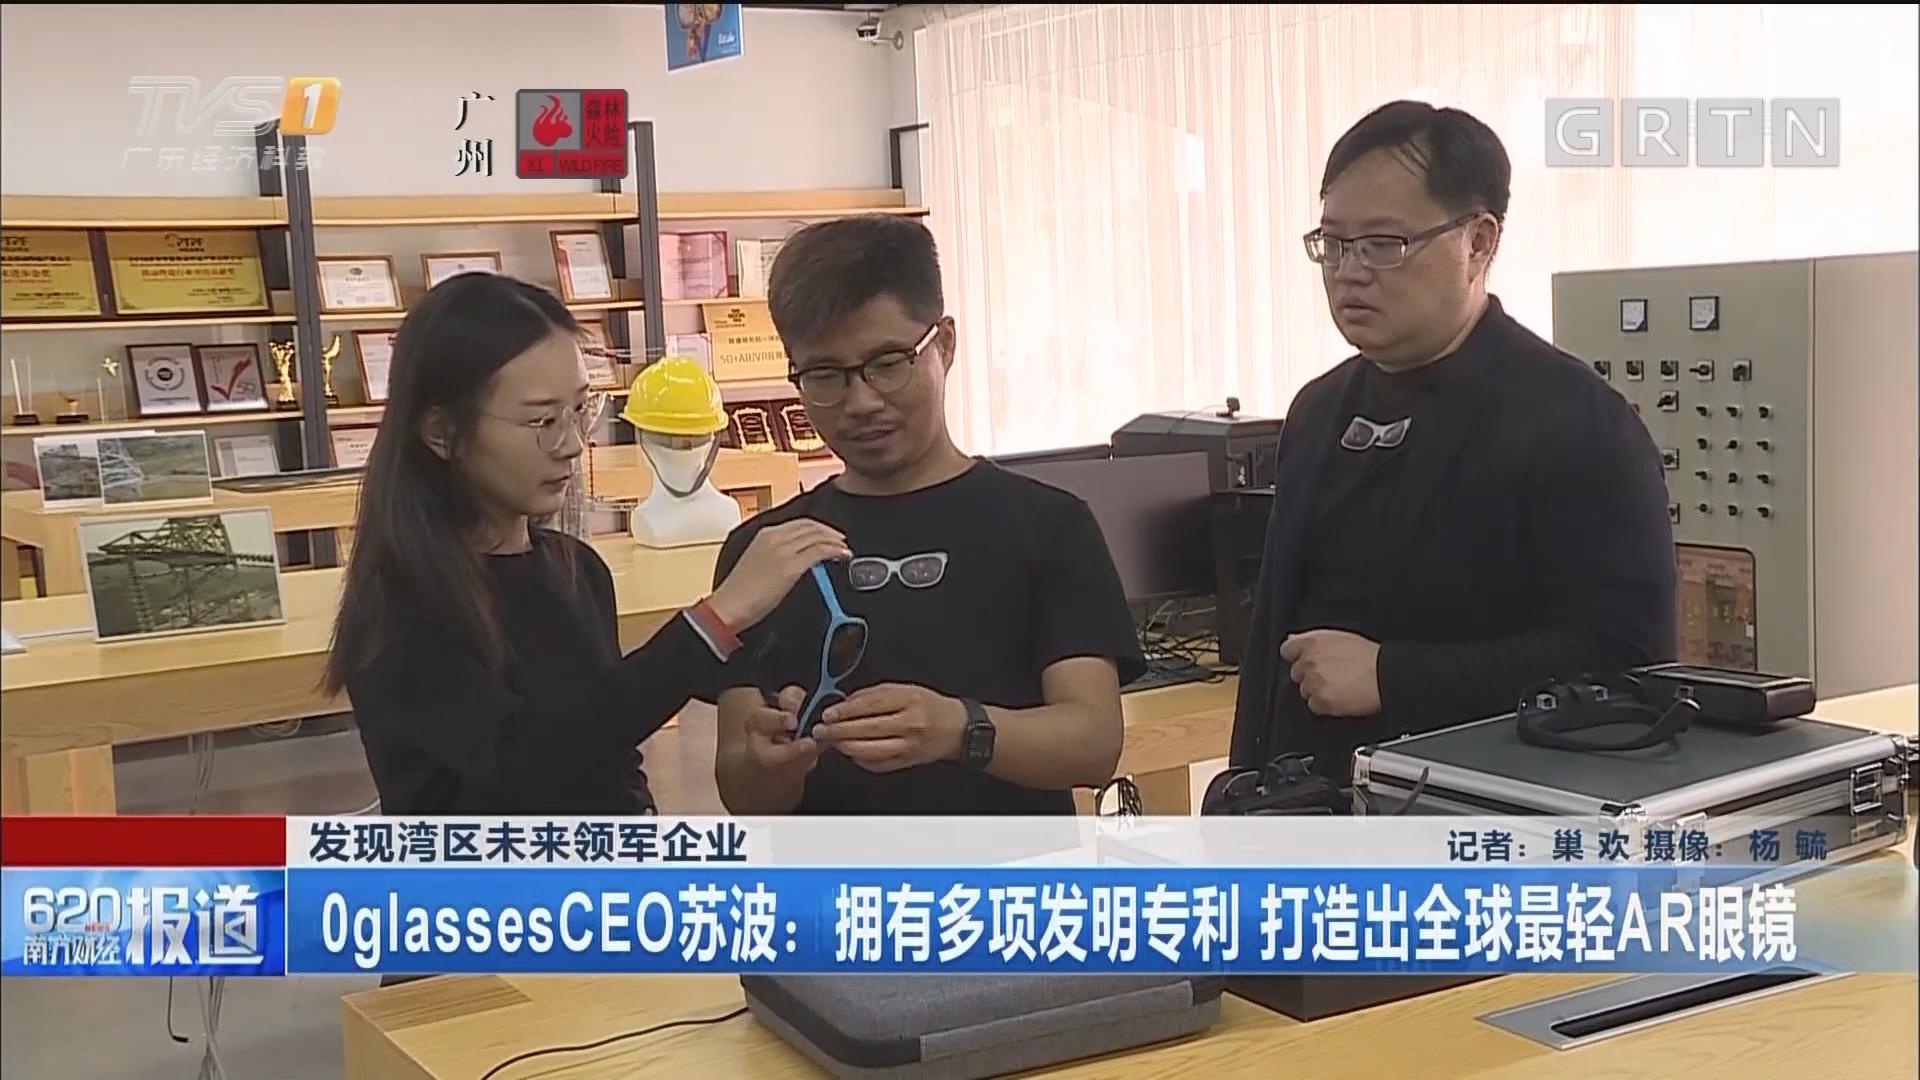 发现湾区未来领军企业 0glassesCEO苏波:拥有多项发明专利 打造出全球最轻AR眼镜